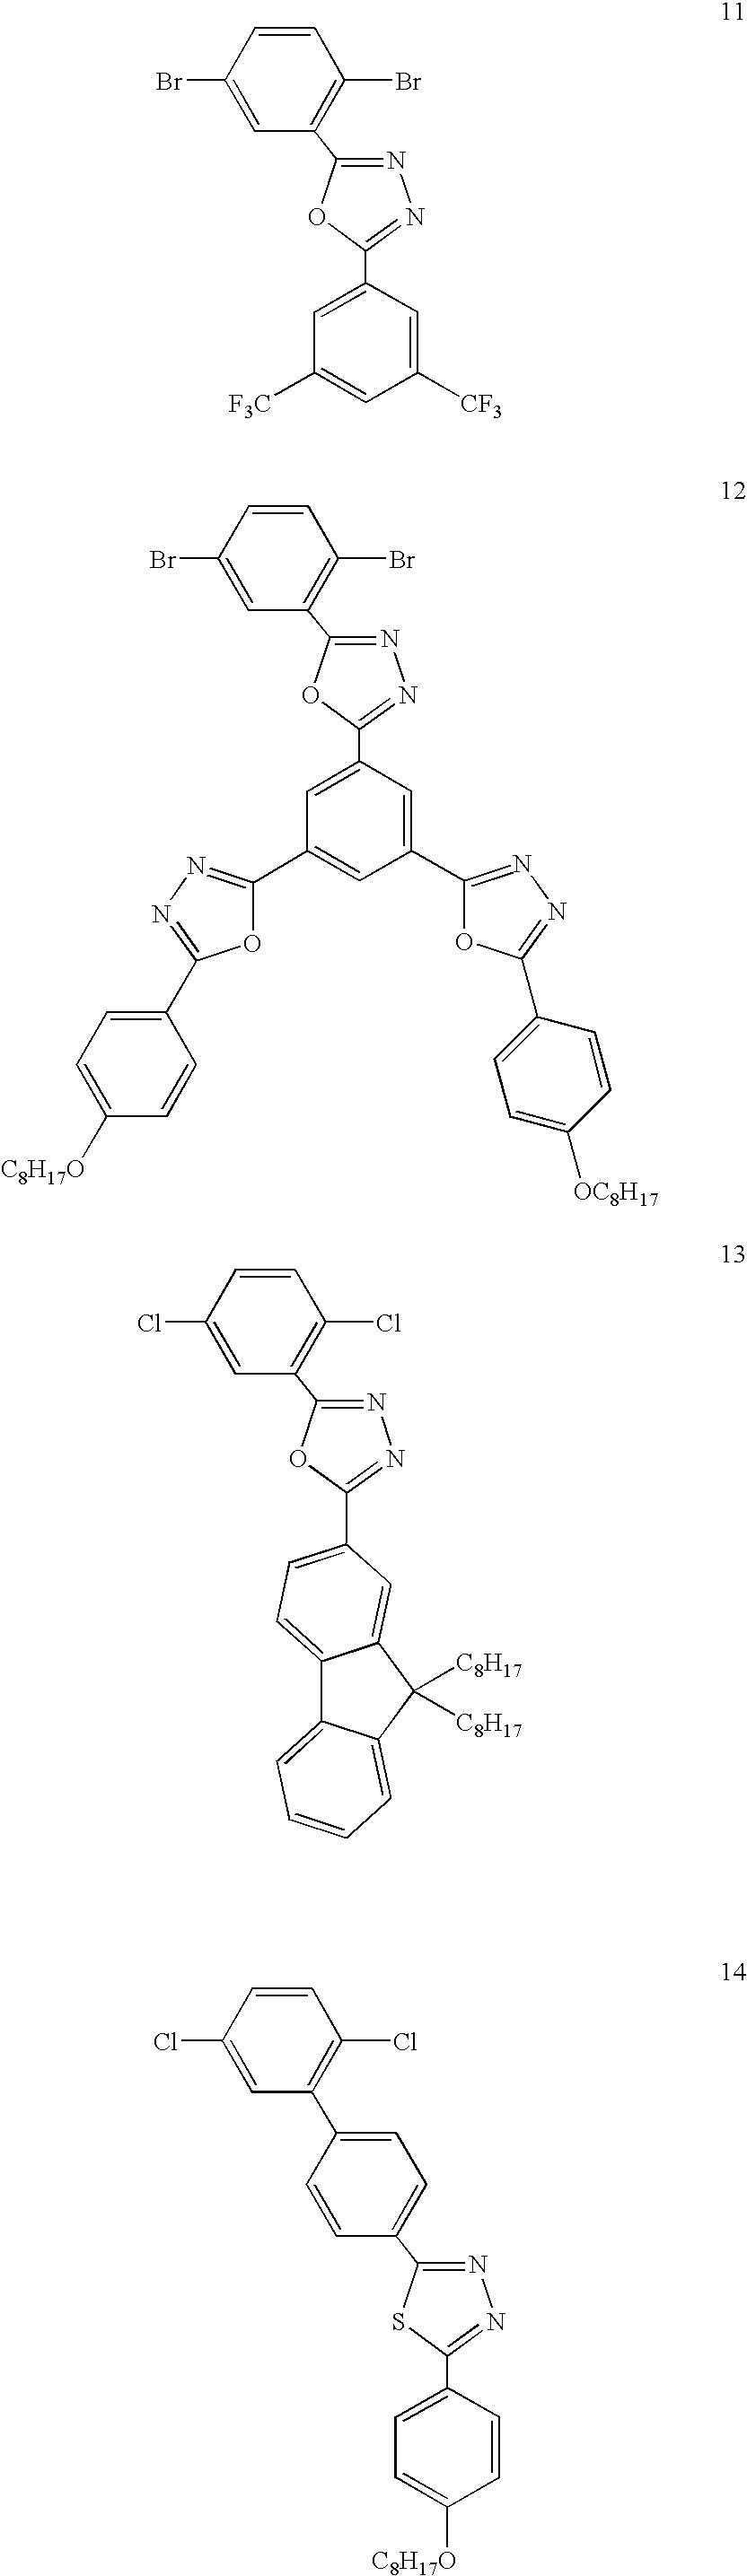 Figure US20040062930A1-20040401-C00037